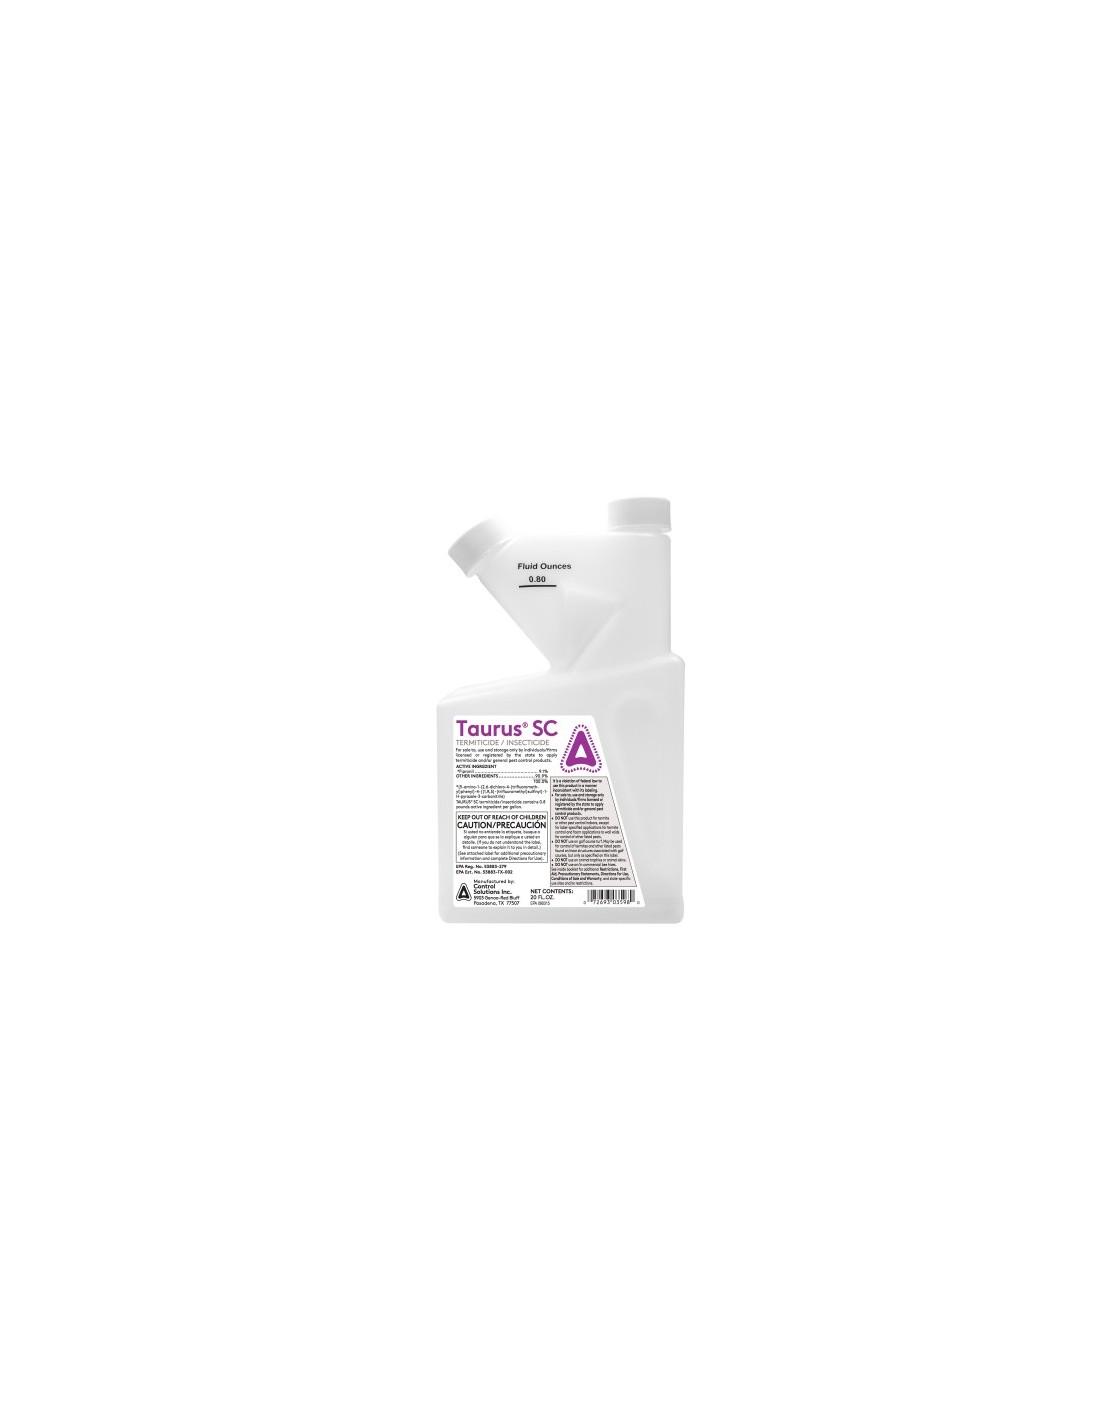 Taurus SC Termiticide Insecticide 20 oz